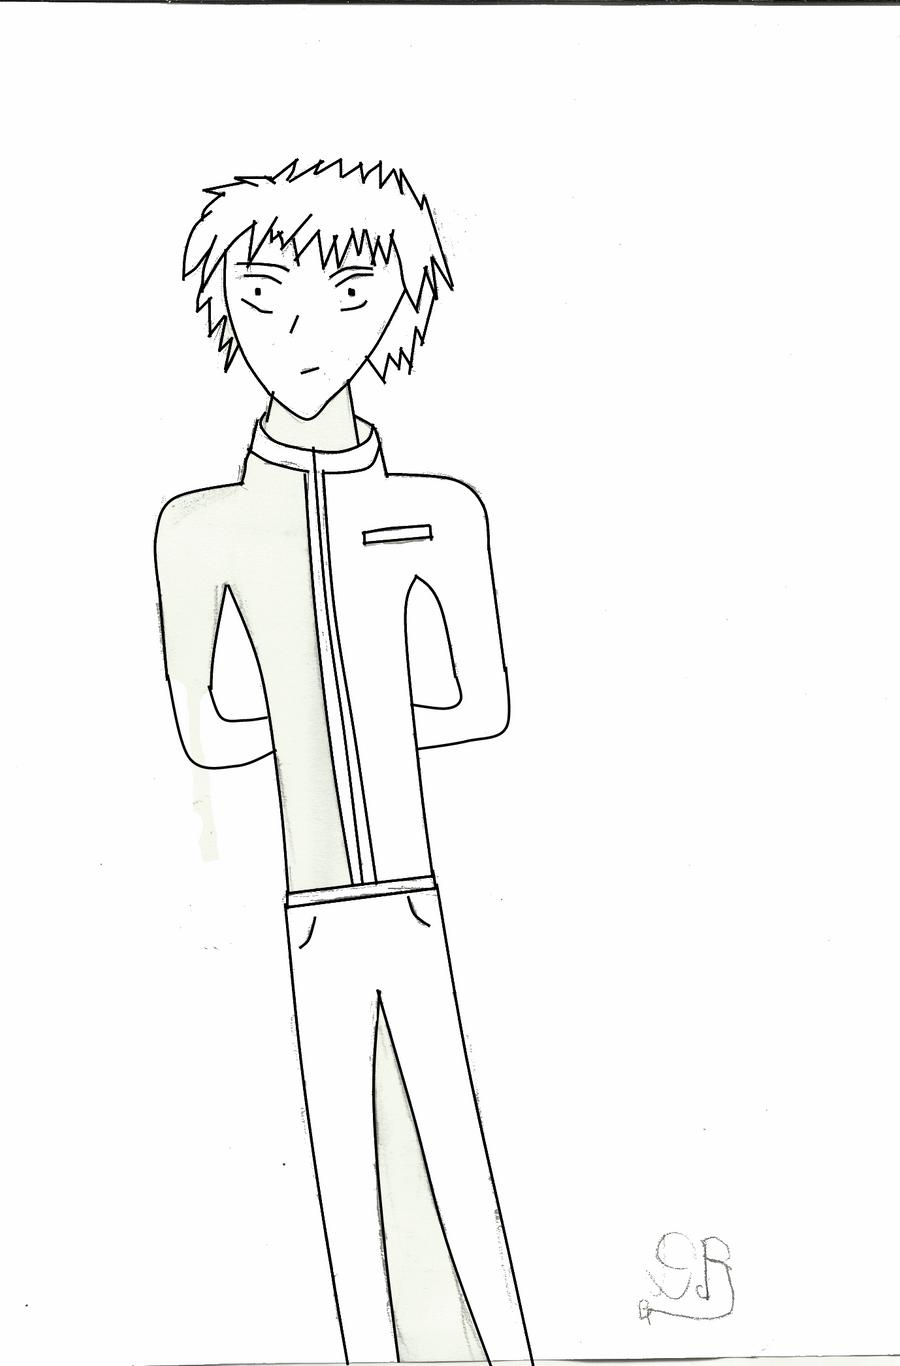 Line Art Maker : Kenta usui line art by leo base maker on deviantart